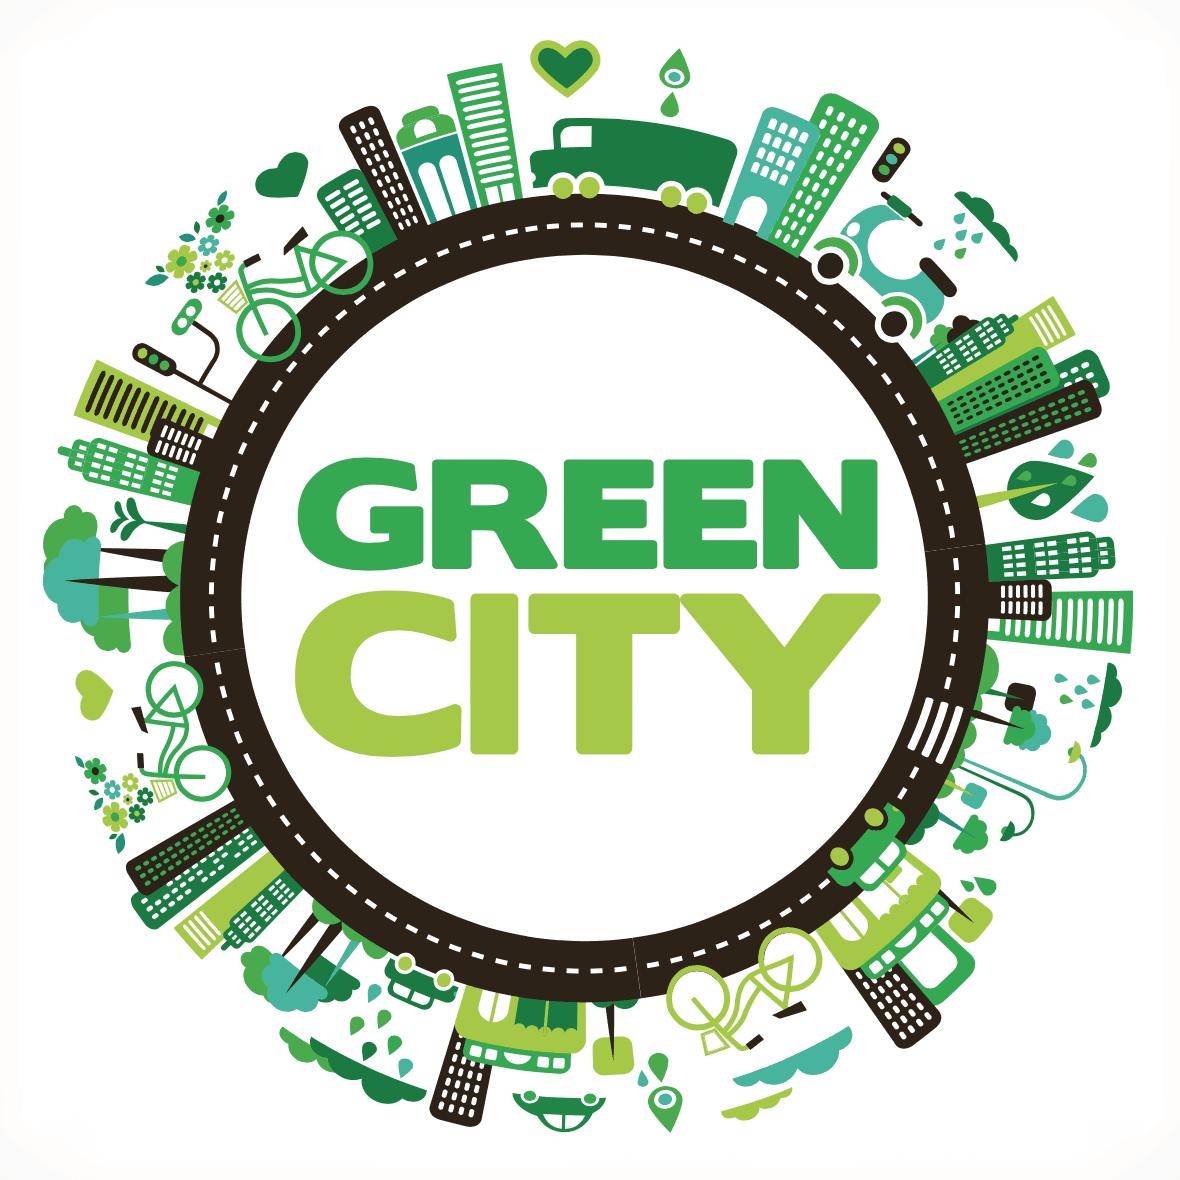 Ilustracion de ciudad verde